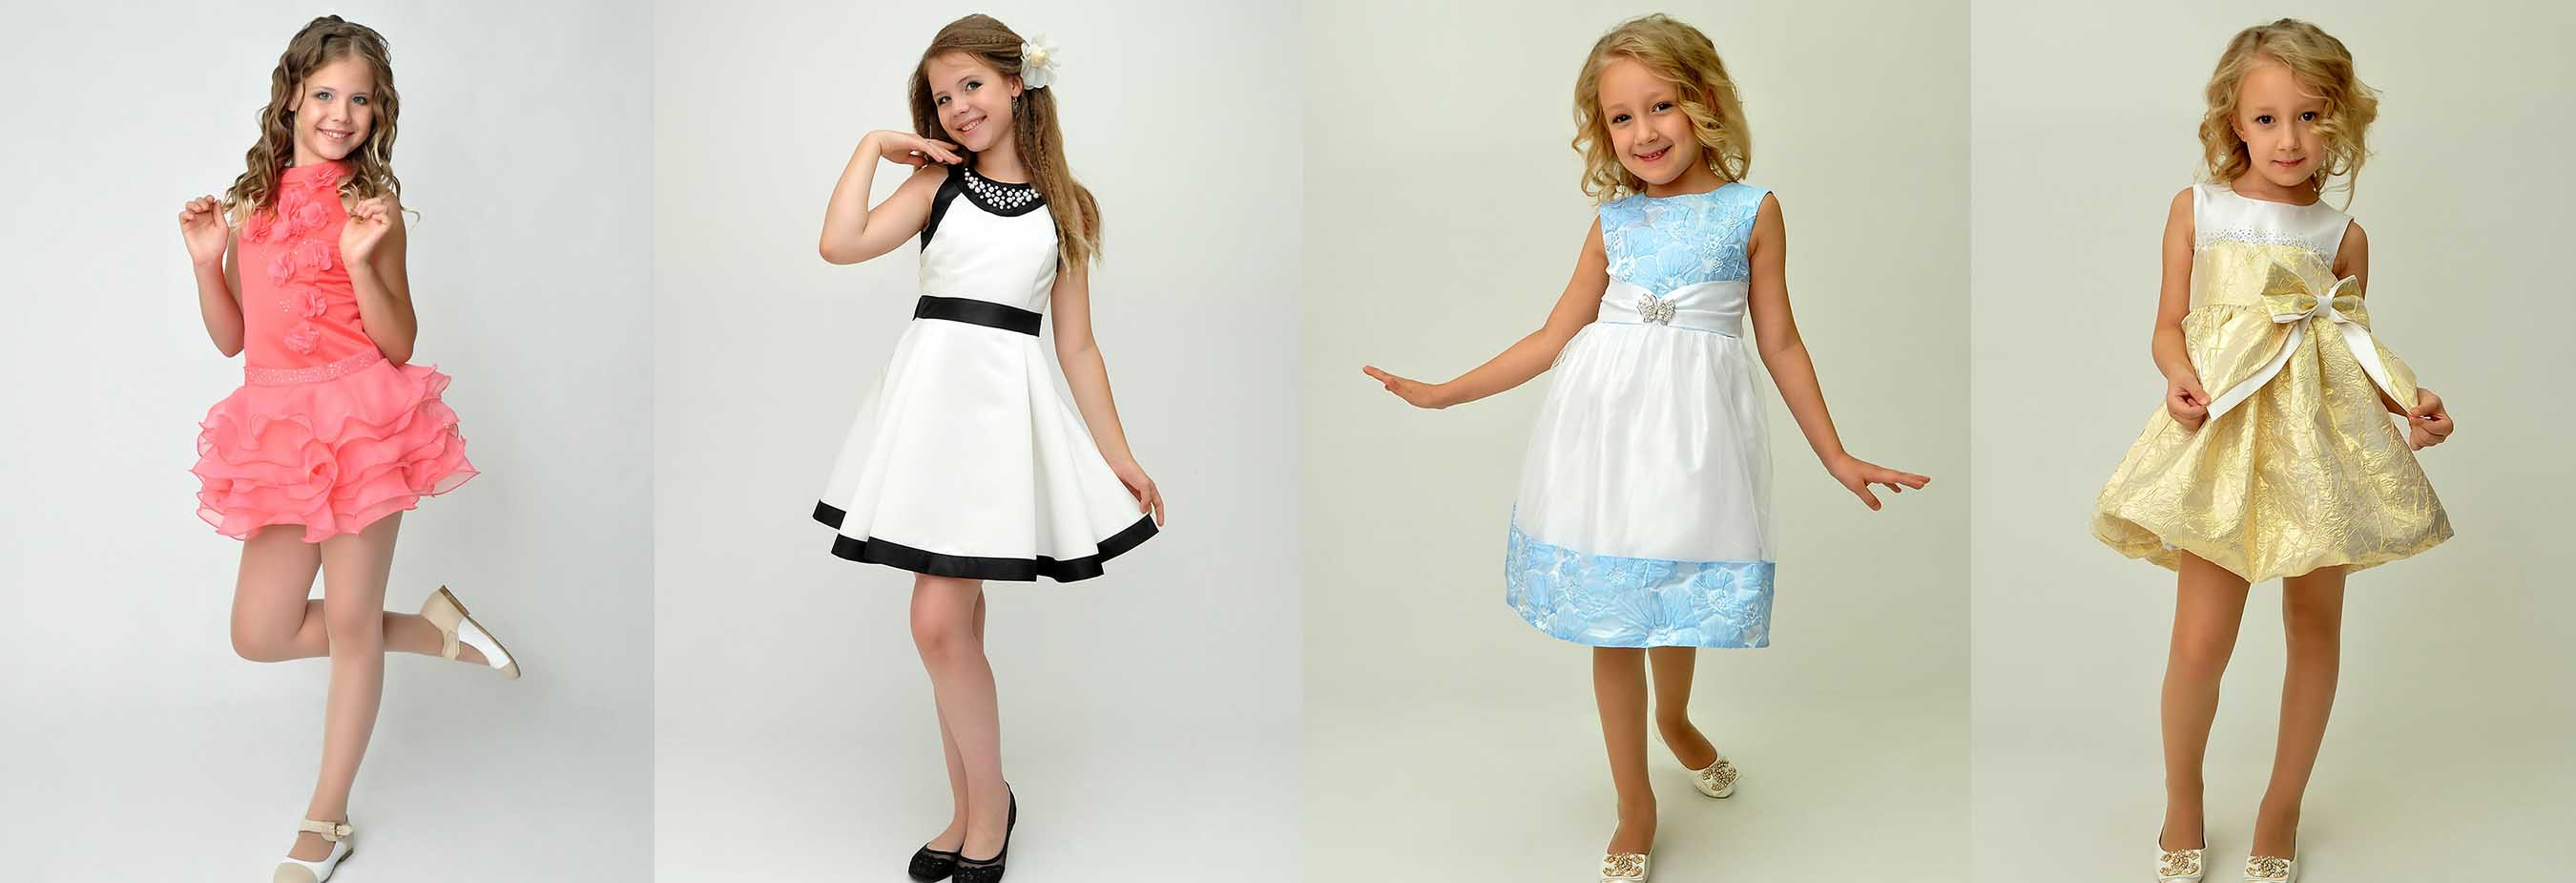 Нарядные и повседневные платья высокого качества от Ладетто. УРА! Новая коллекция нарядных ясельных платьев, размеры от